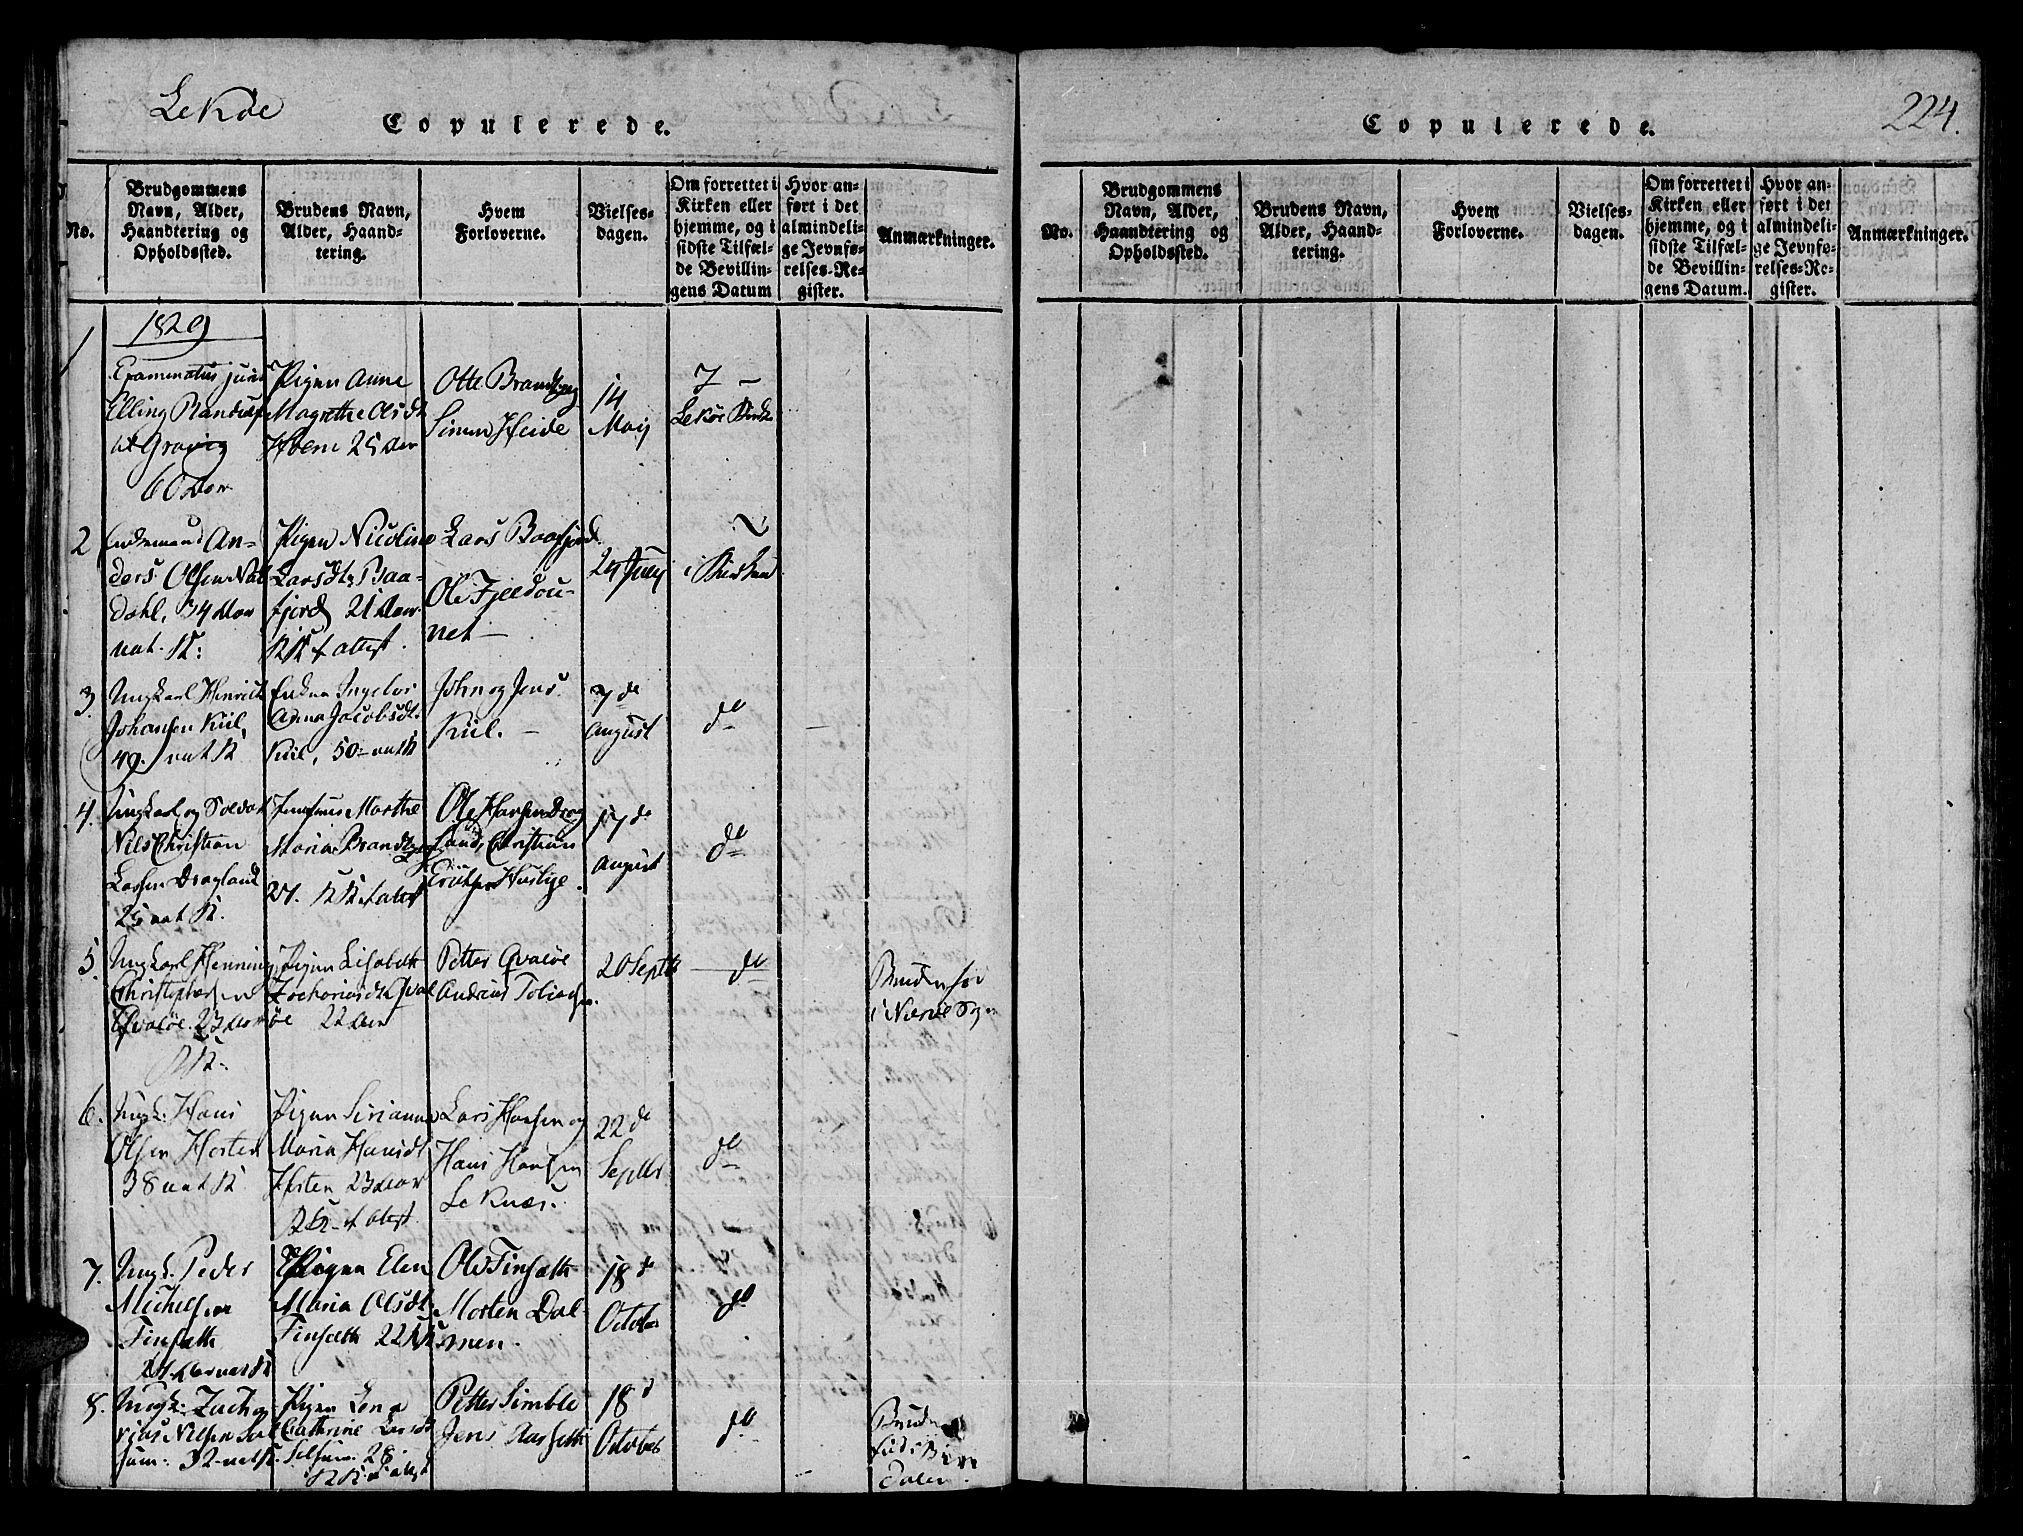 SAT, Ministerialprotokoller, klokkerbøker og fødselsregistre - Nord-Trøndelag, 780/L0636: Ministerialbok nr. 780A03 /2, 1815-1829, s. 220